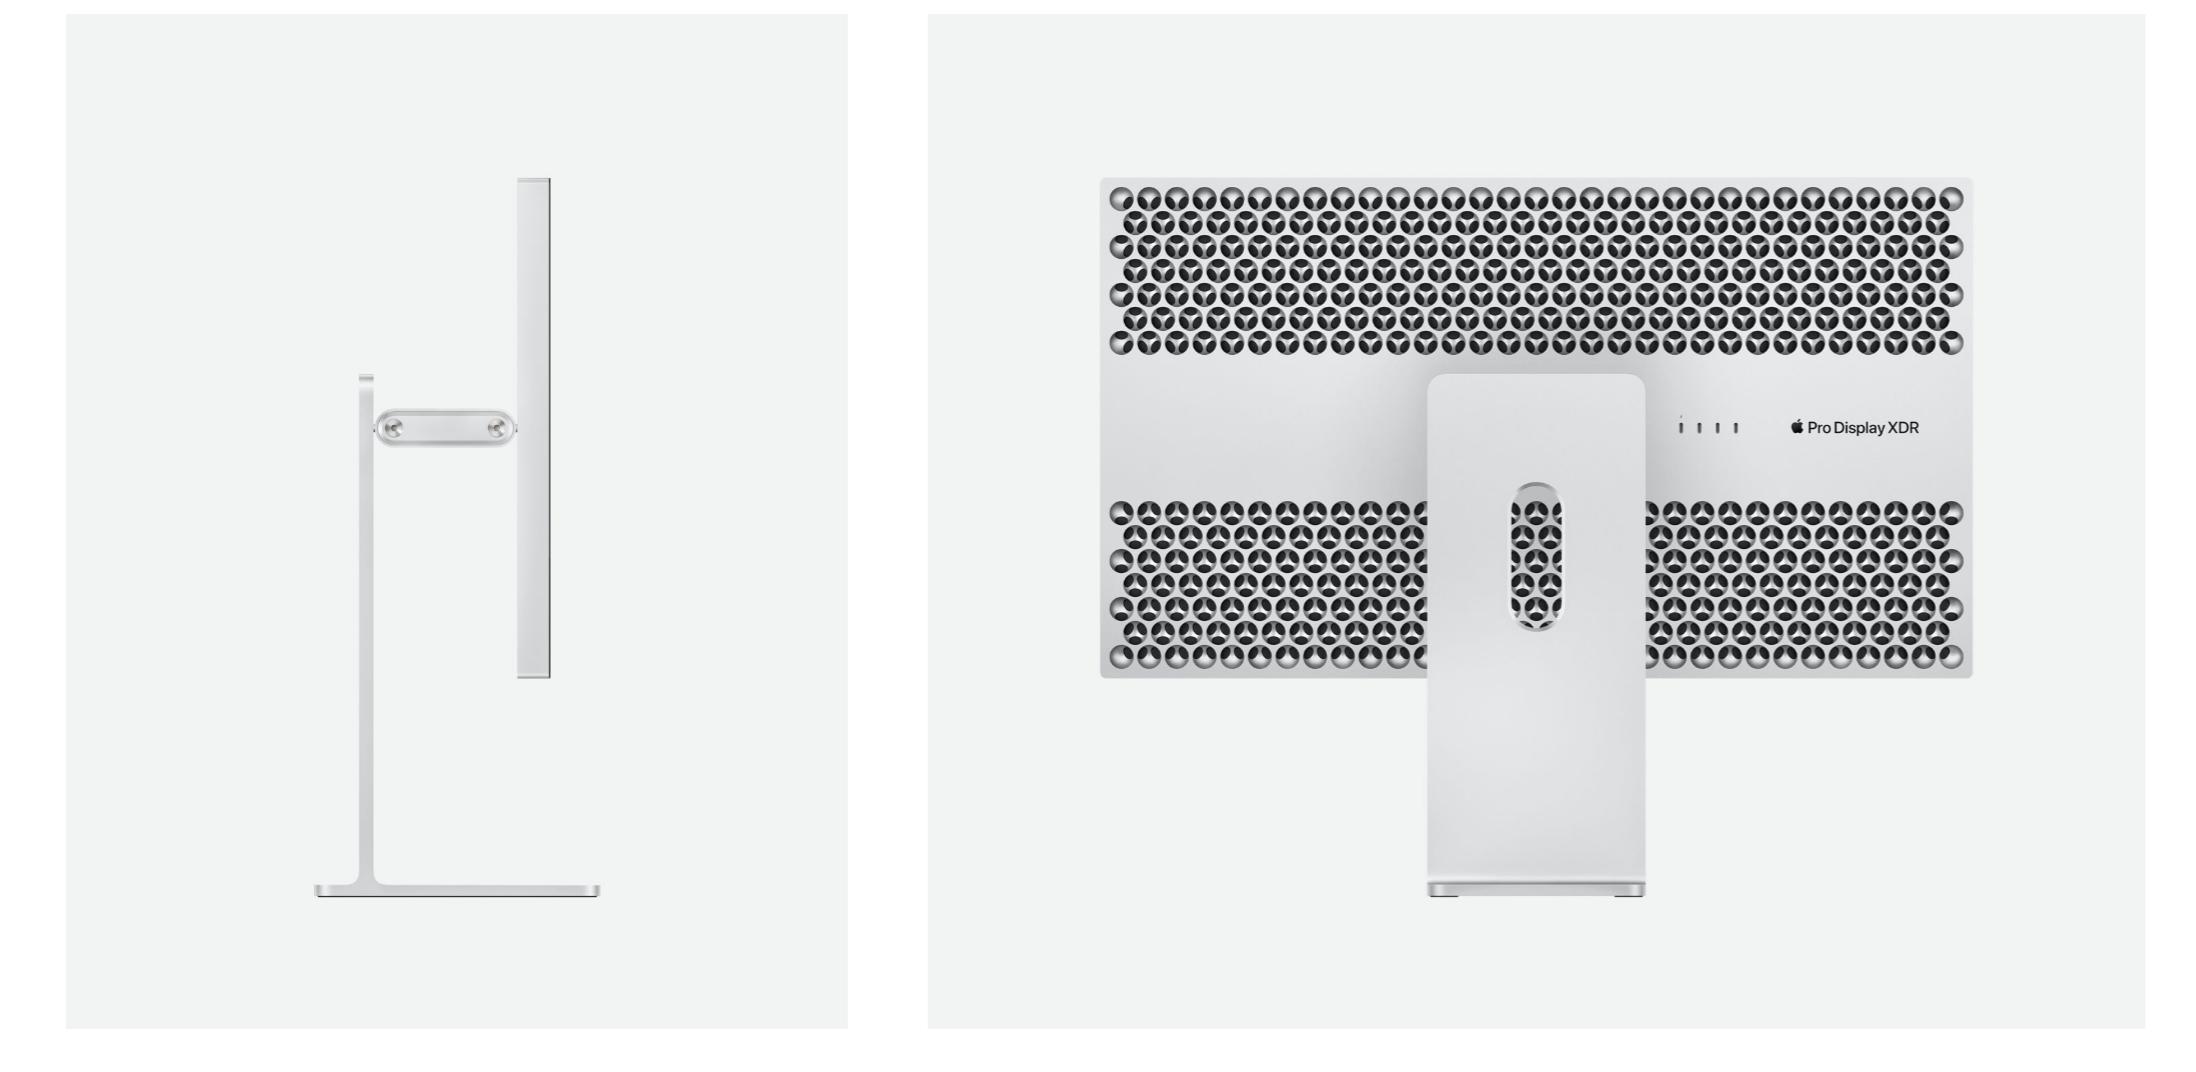 Что представила Apple на WWDC, и что об этом думают iOS-разработчики - 7